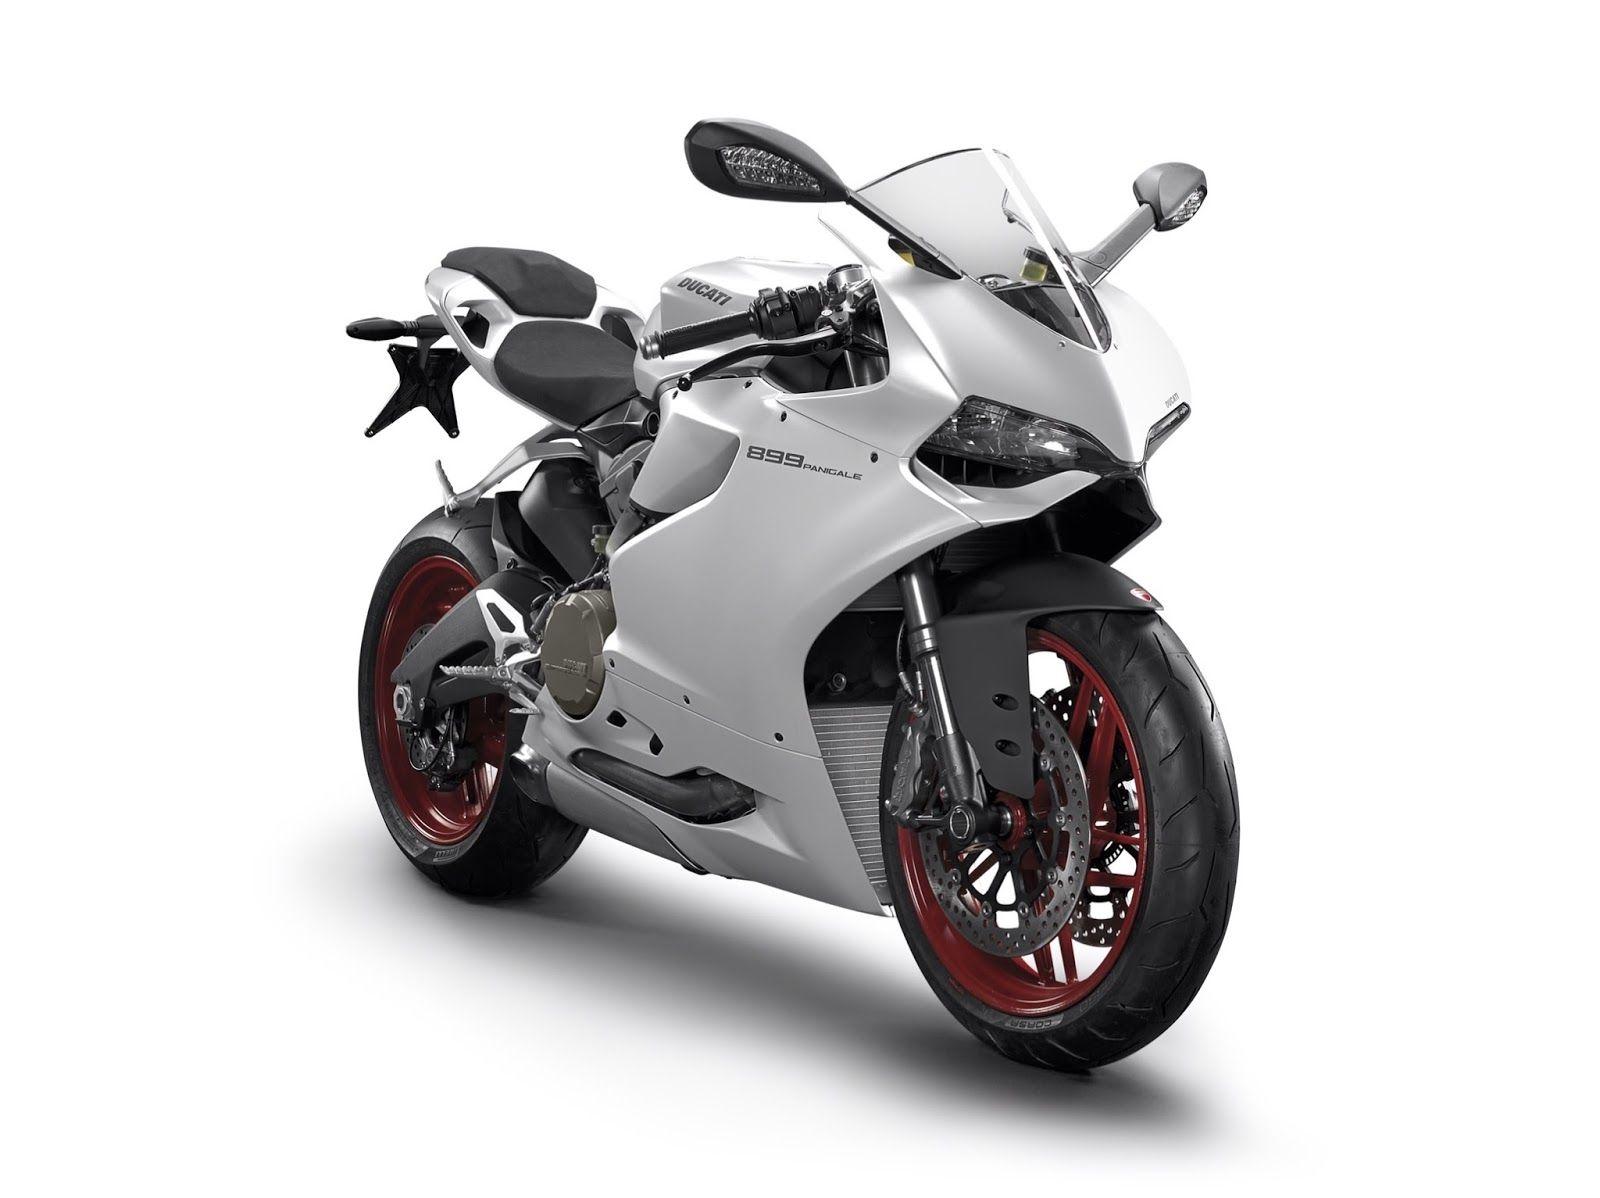 КЛАССНЫЕ ФОТО АВТО! (и не только) - Ducati 899 Panigale ...